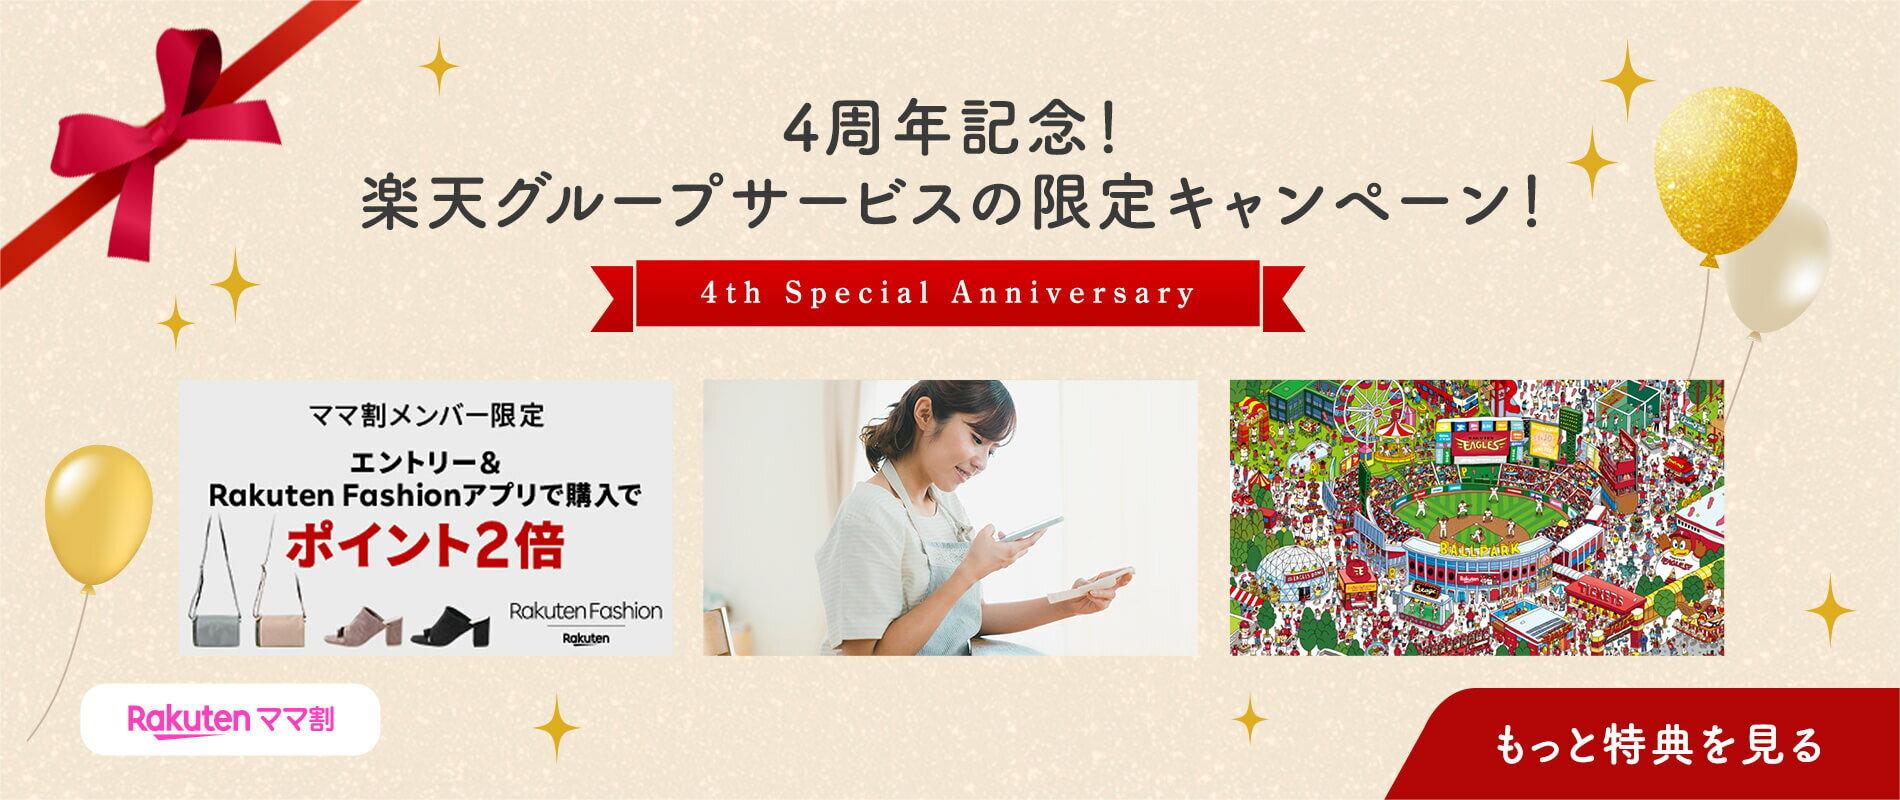 楽天ママ割4周年記念! 楽天グループサービスの限定キャンペーン!4th Special Anniversary もっと特典を見る